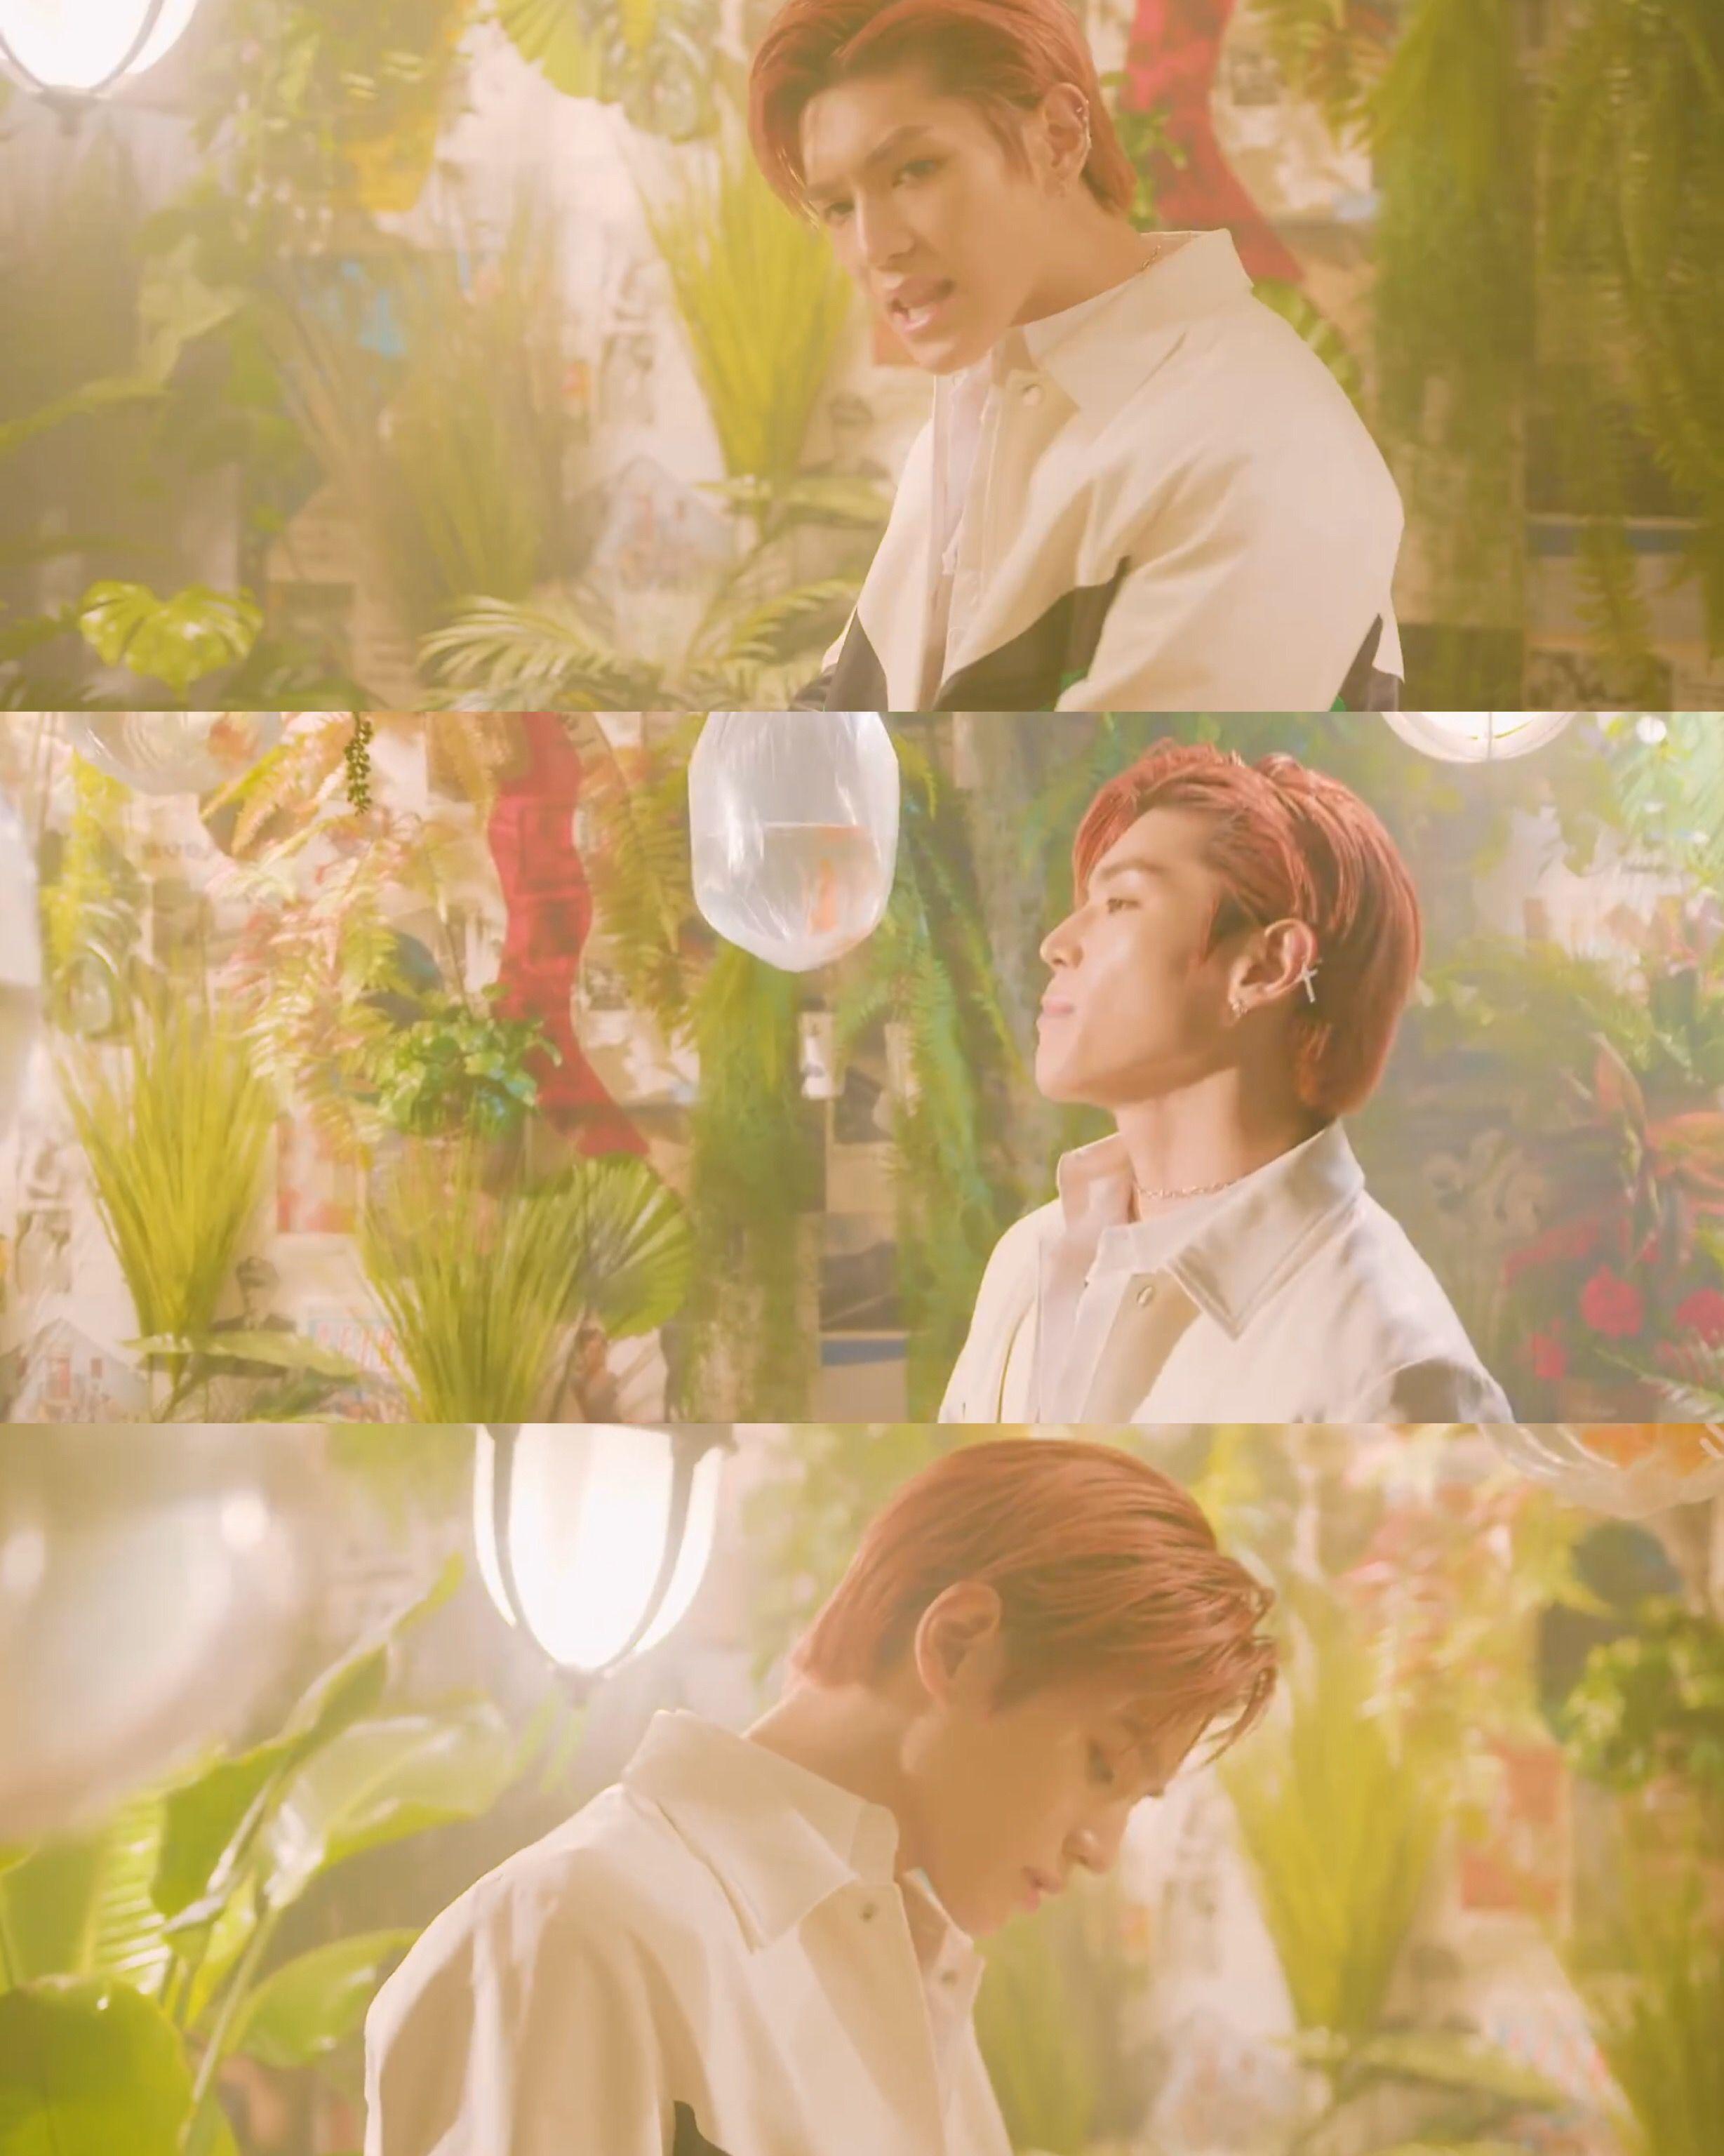 Taeyong Nct Yestoday Wallpaper Kpop Nct Nct 127 Nct Taeyong